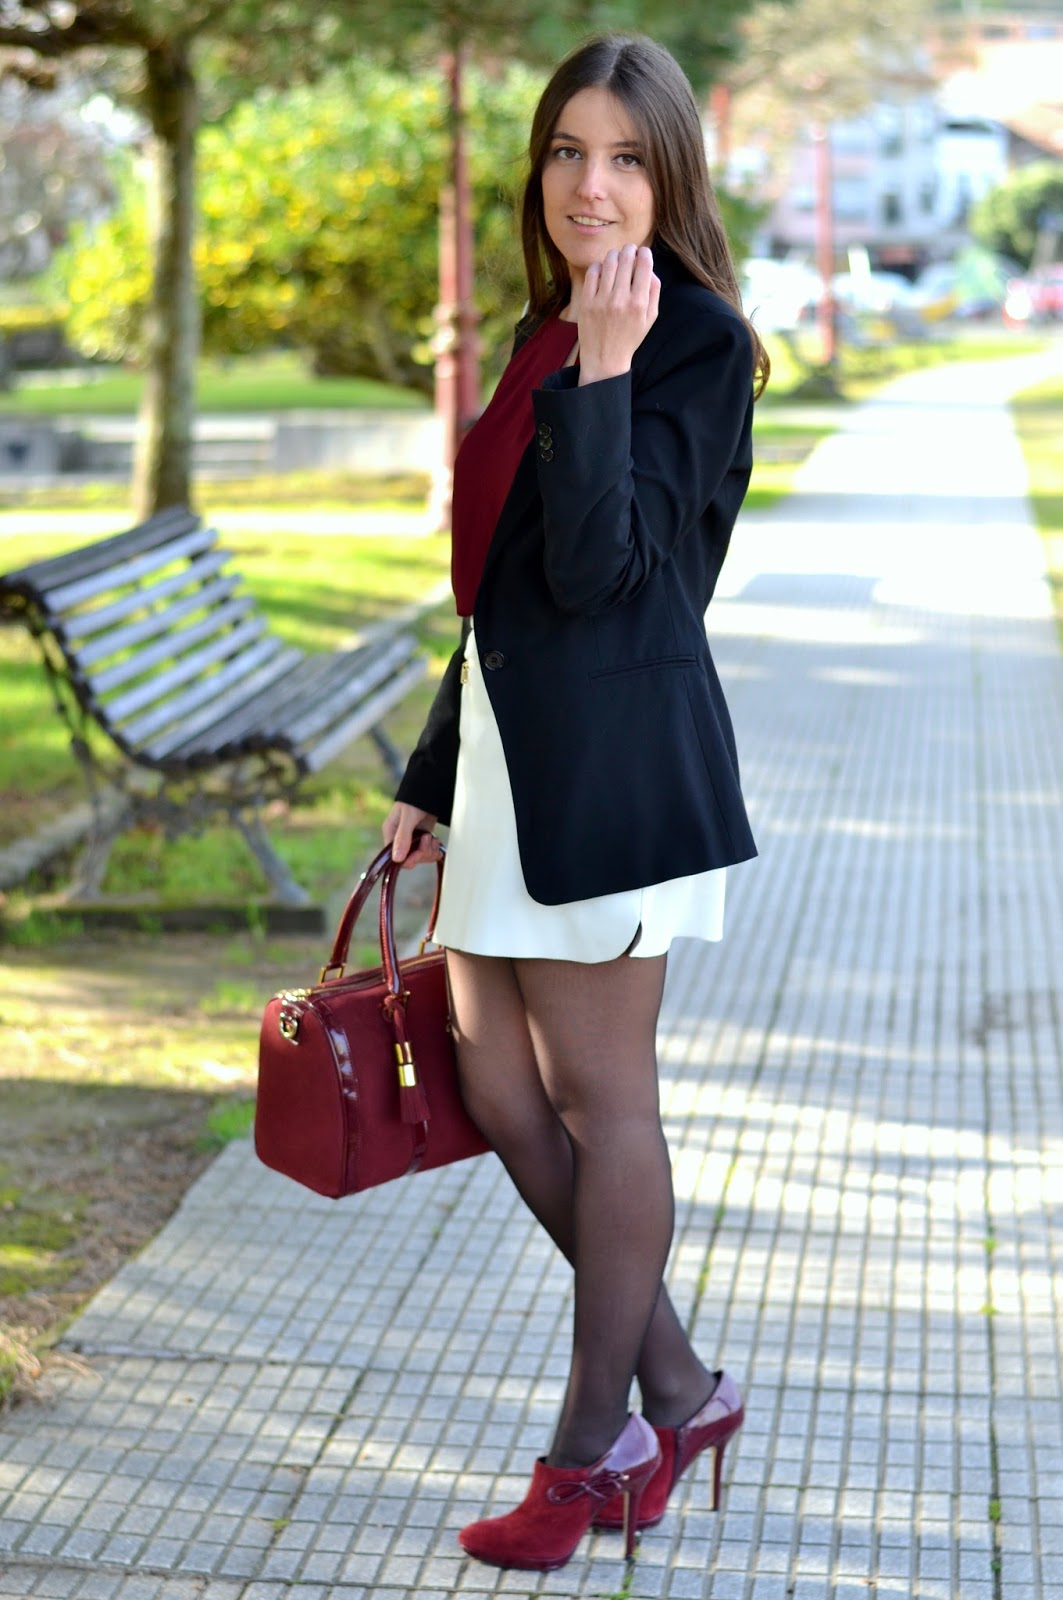 botines y bolso burgundy de menbur